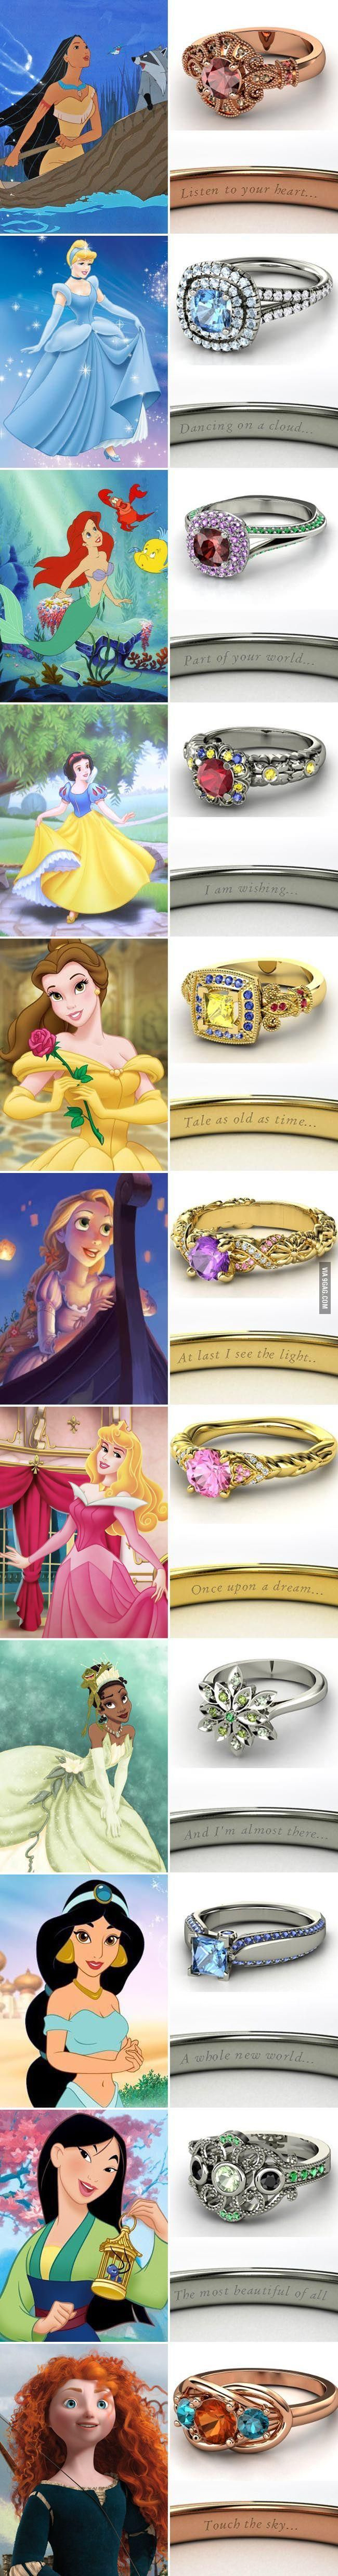 Me dan uno de esos anillos me caso